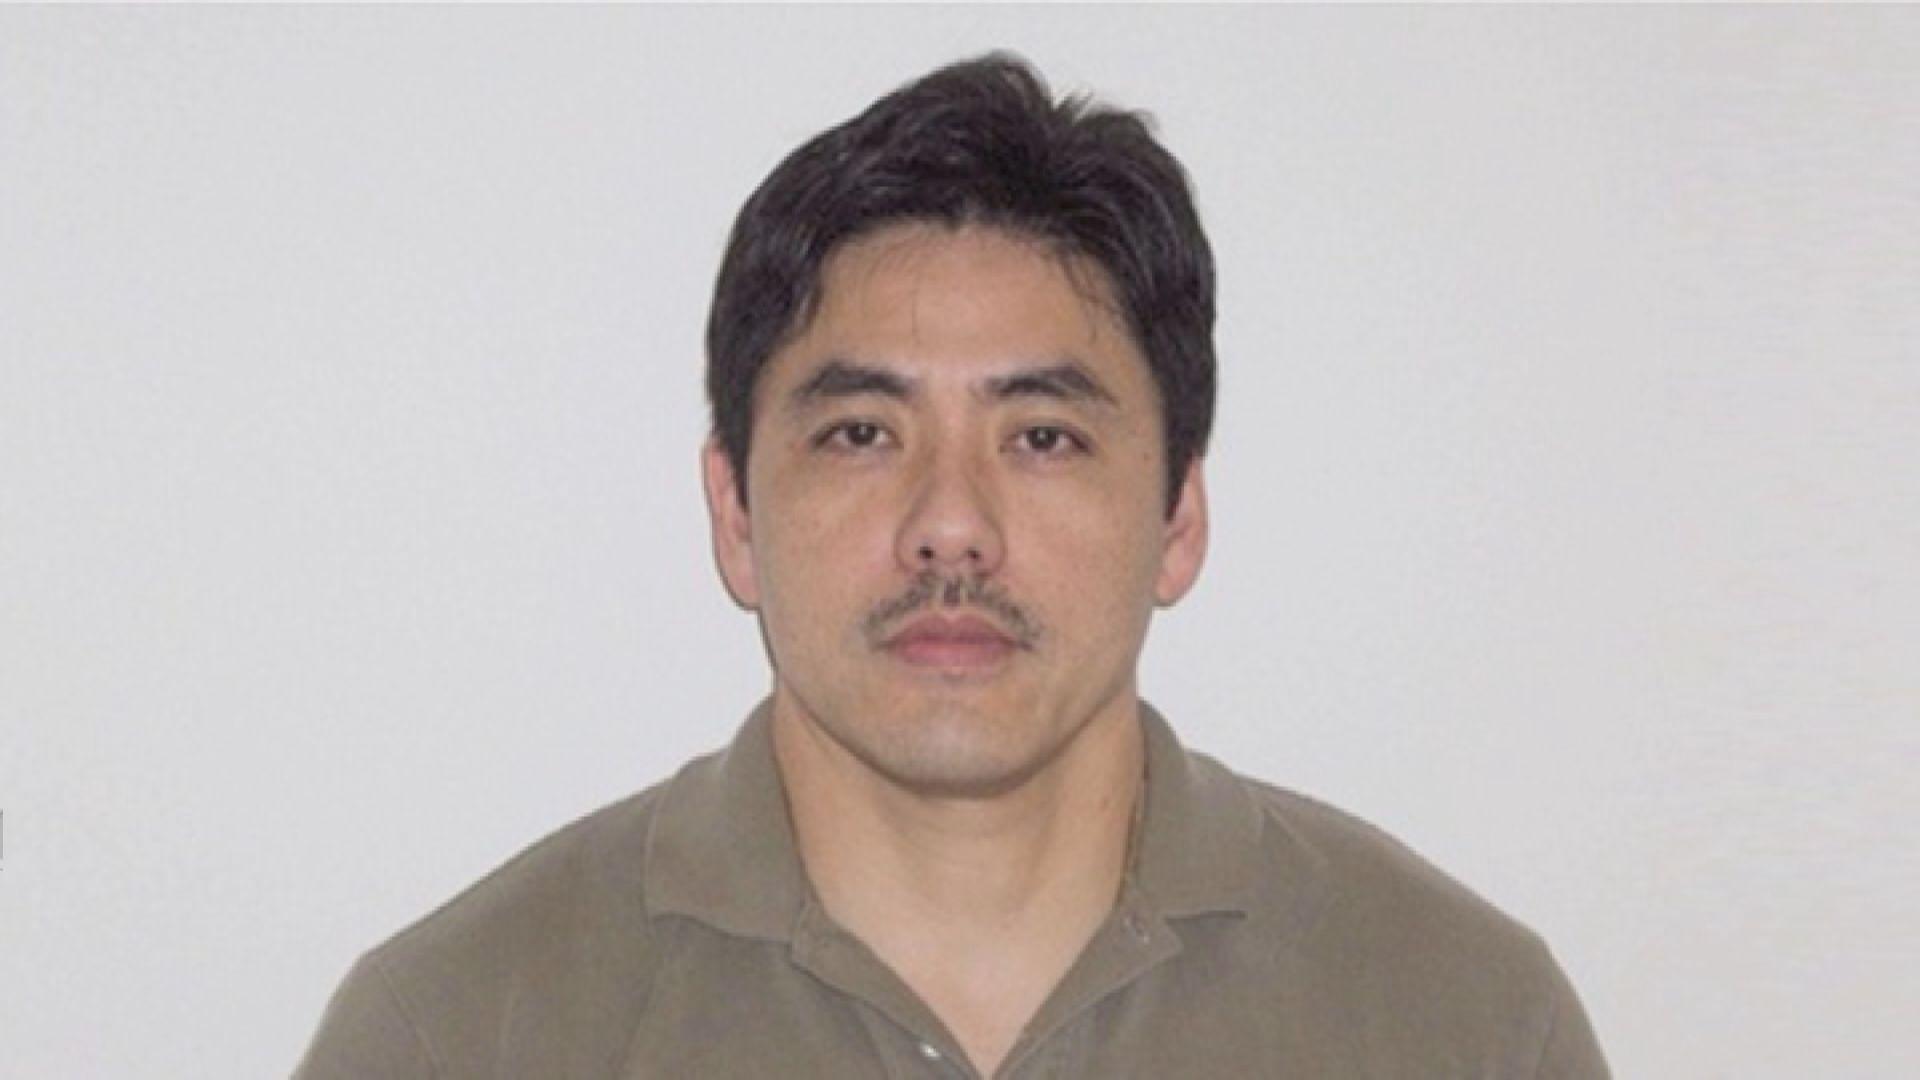 中情局前僱員向中國洩露機密被判監19年